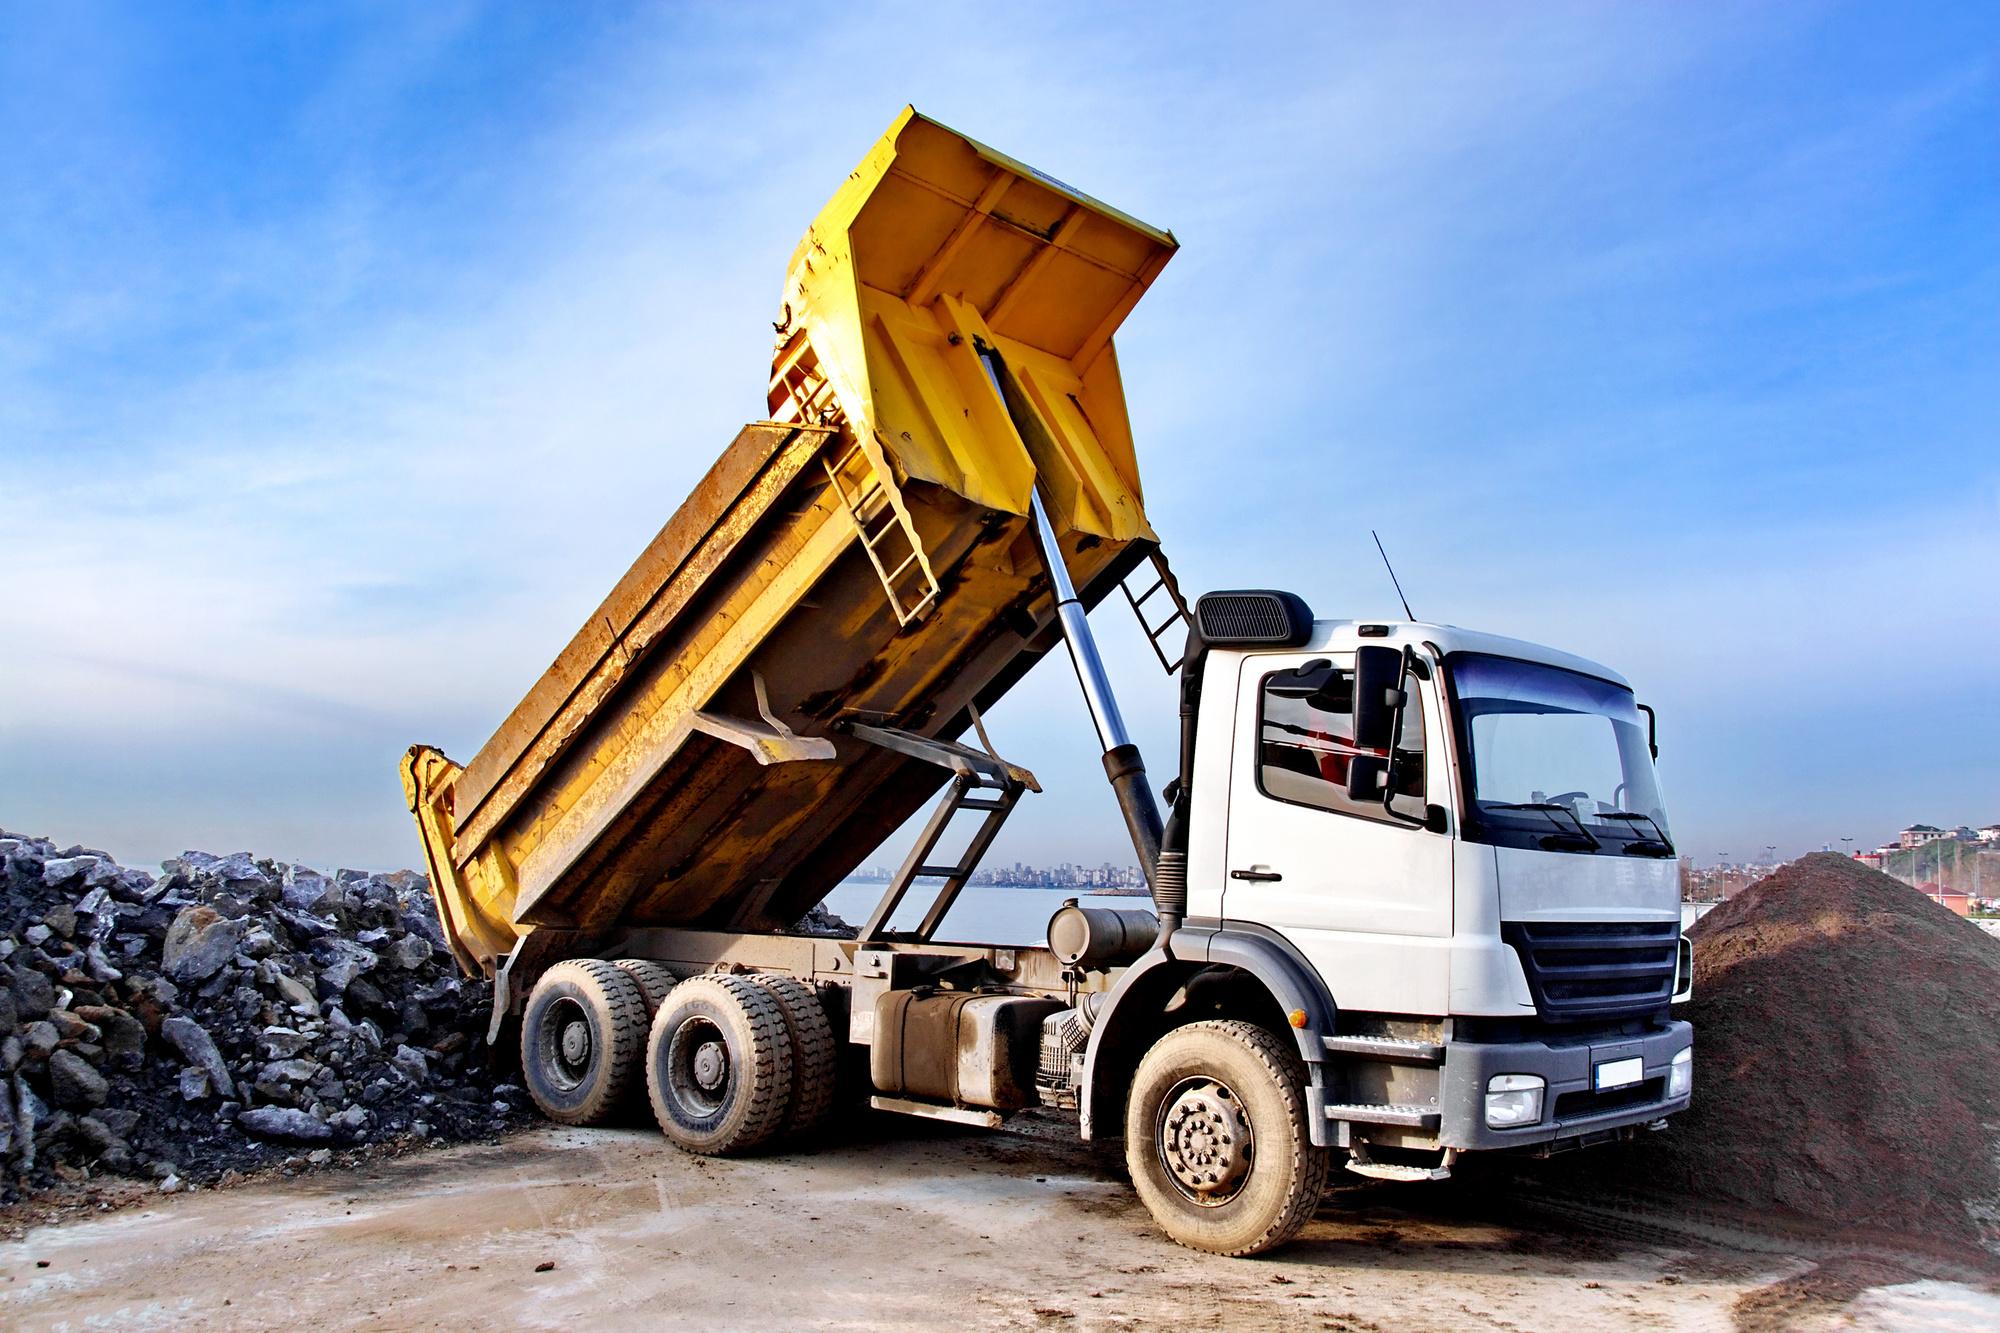 Owning a Dump Truck